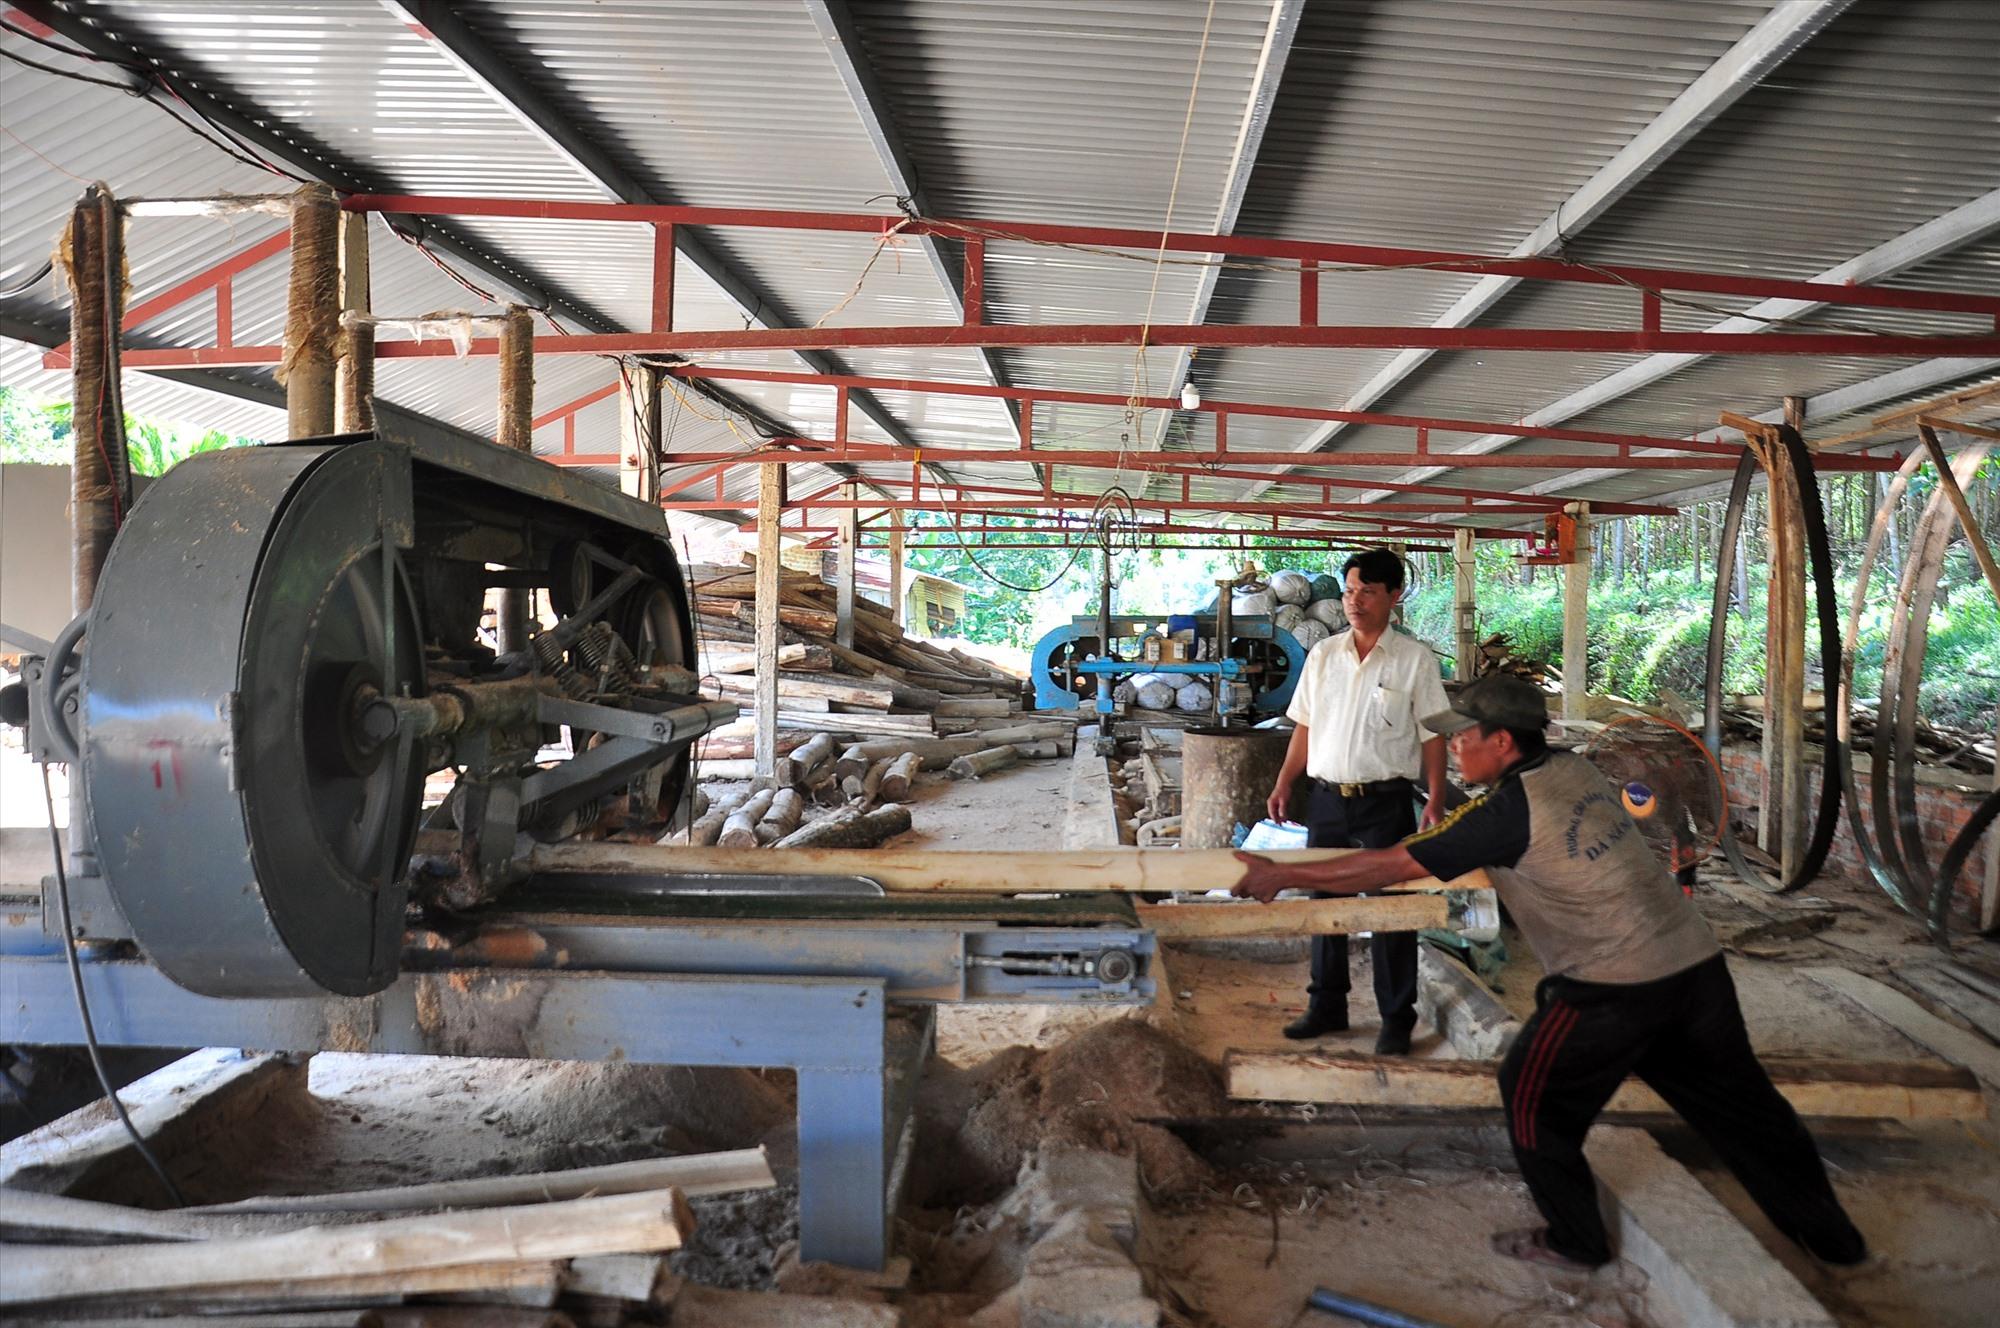 Từ năm 2019 đến nay Hợp tác xã Nông nghiệp Hiệp Thuận liên kết với người dân trên địa bàn huyện Hiệp Đức trồng 1.100ha rừng gỗ lớn. Ảnh: S.A